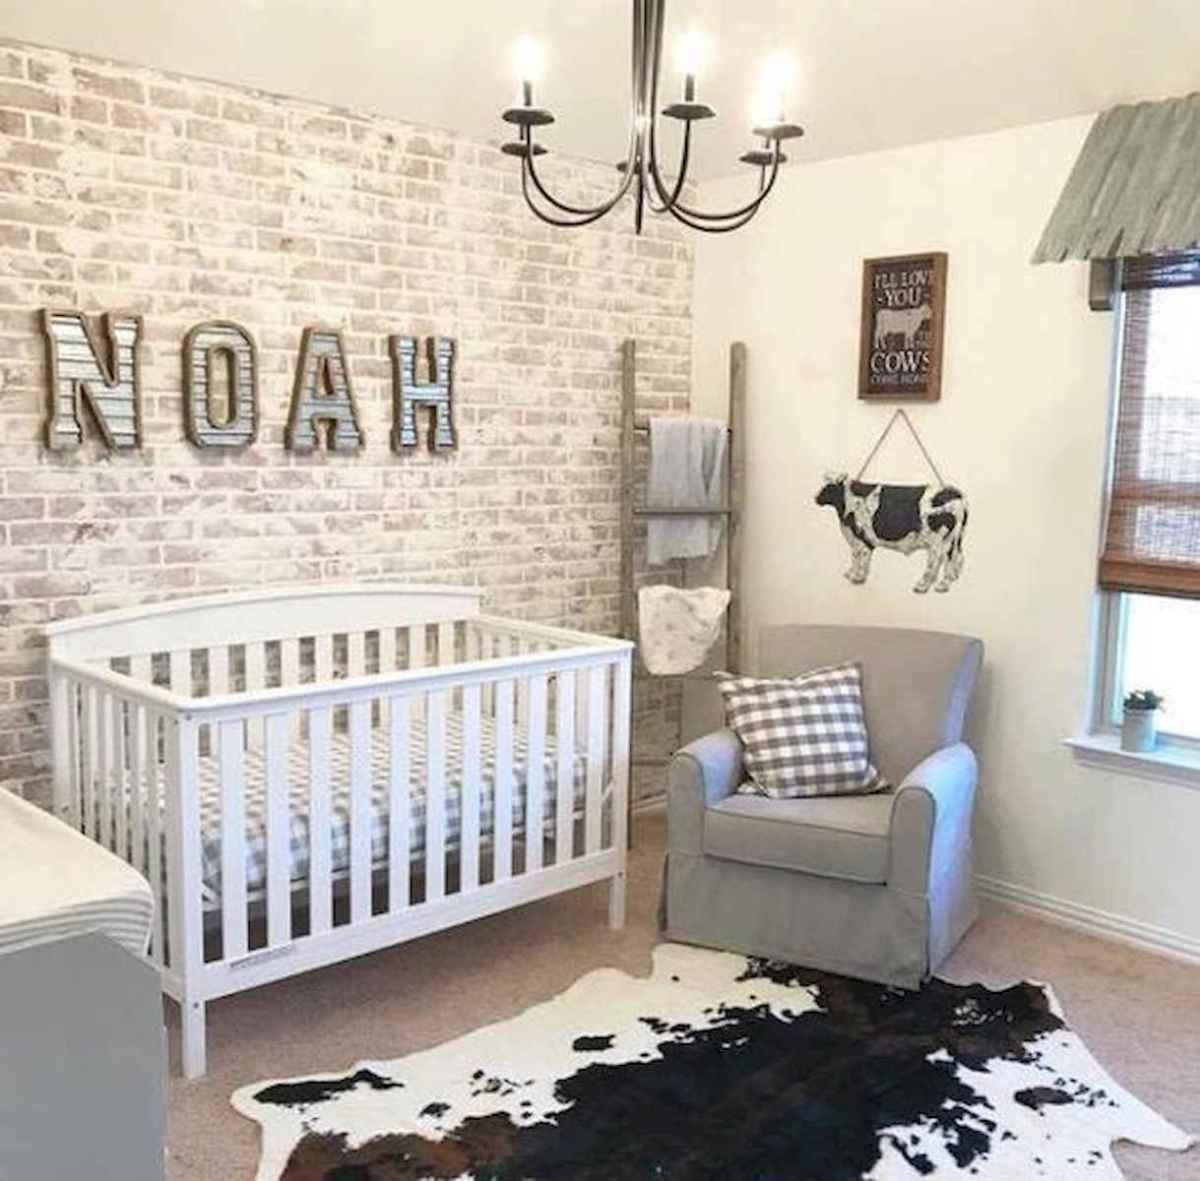 40 Adorable Nursery Room Ideas For Boy (20)